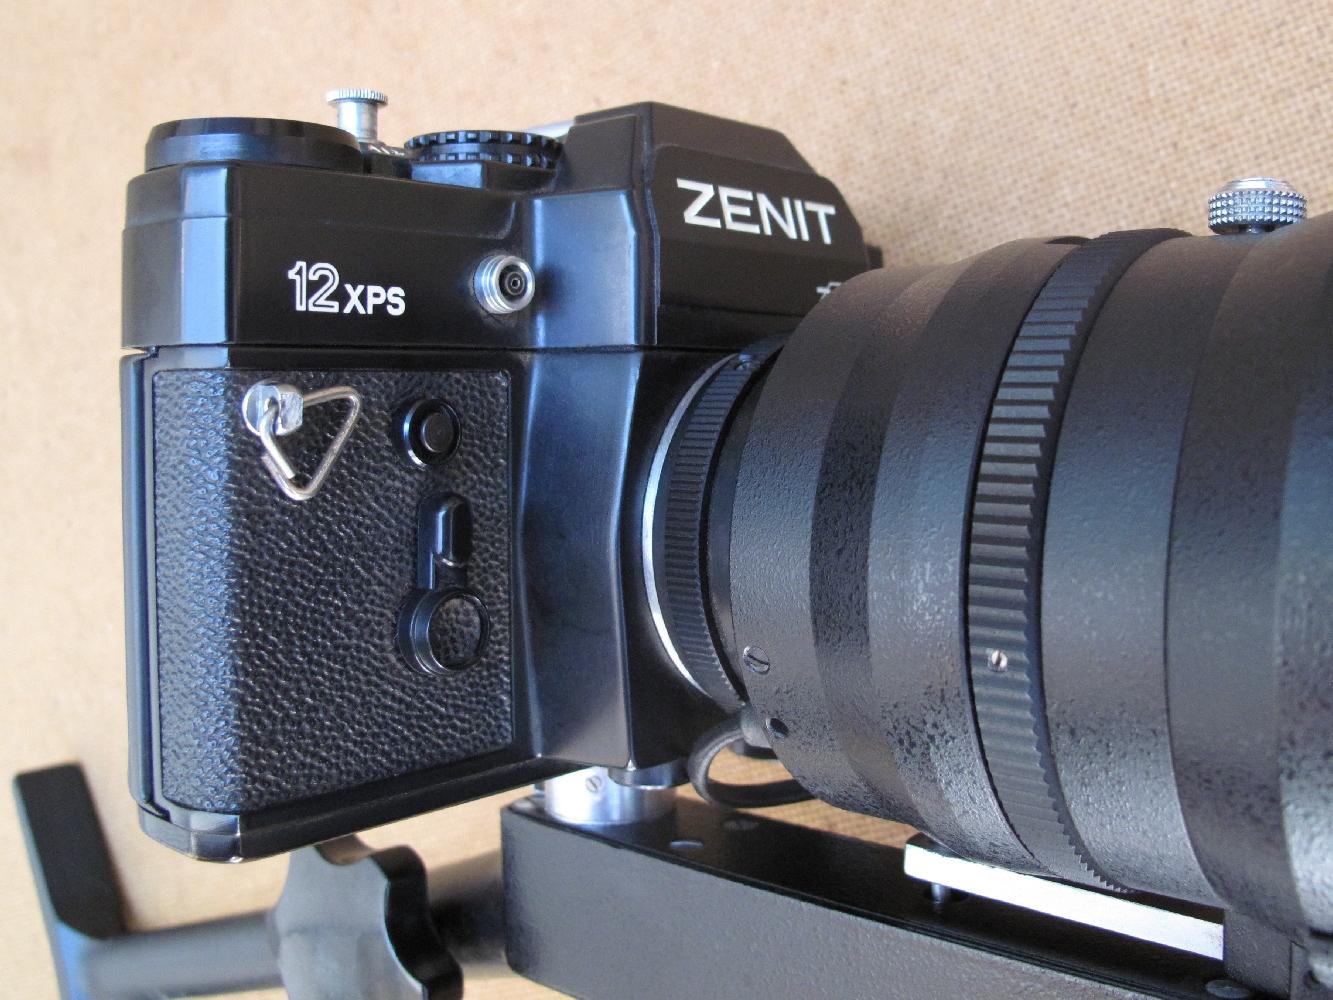 Lancé en 1982, le Zenit 12 XP constitue le modèle le plus évolué de la marque Zenit. Le 12 XPS est la version modifiée, spécialement conçue pour le Photosnaiper 12.